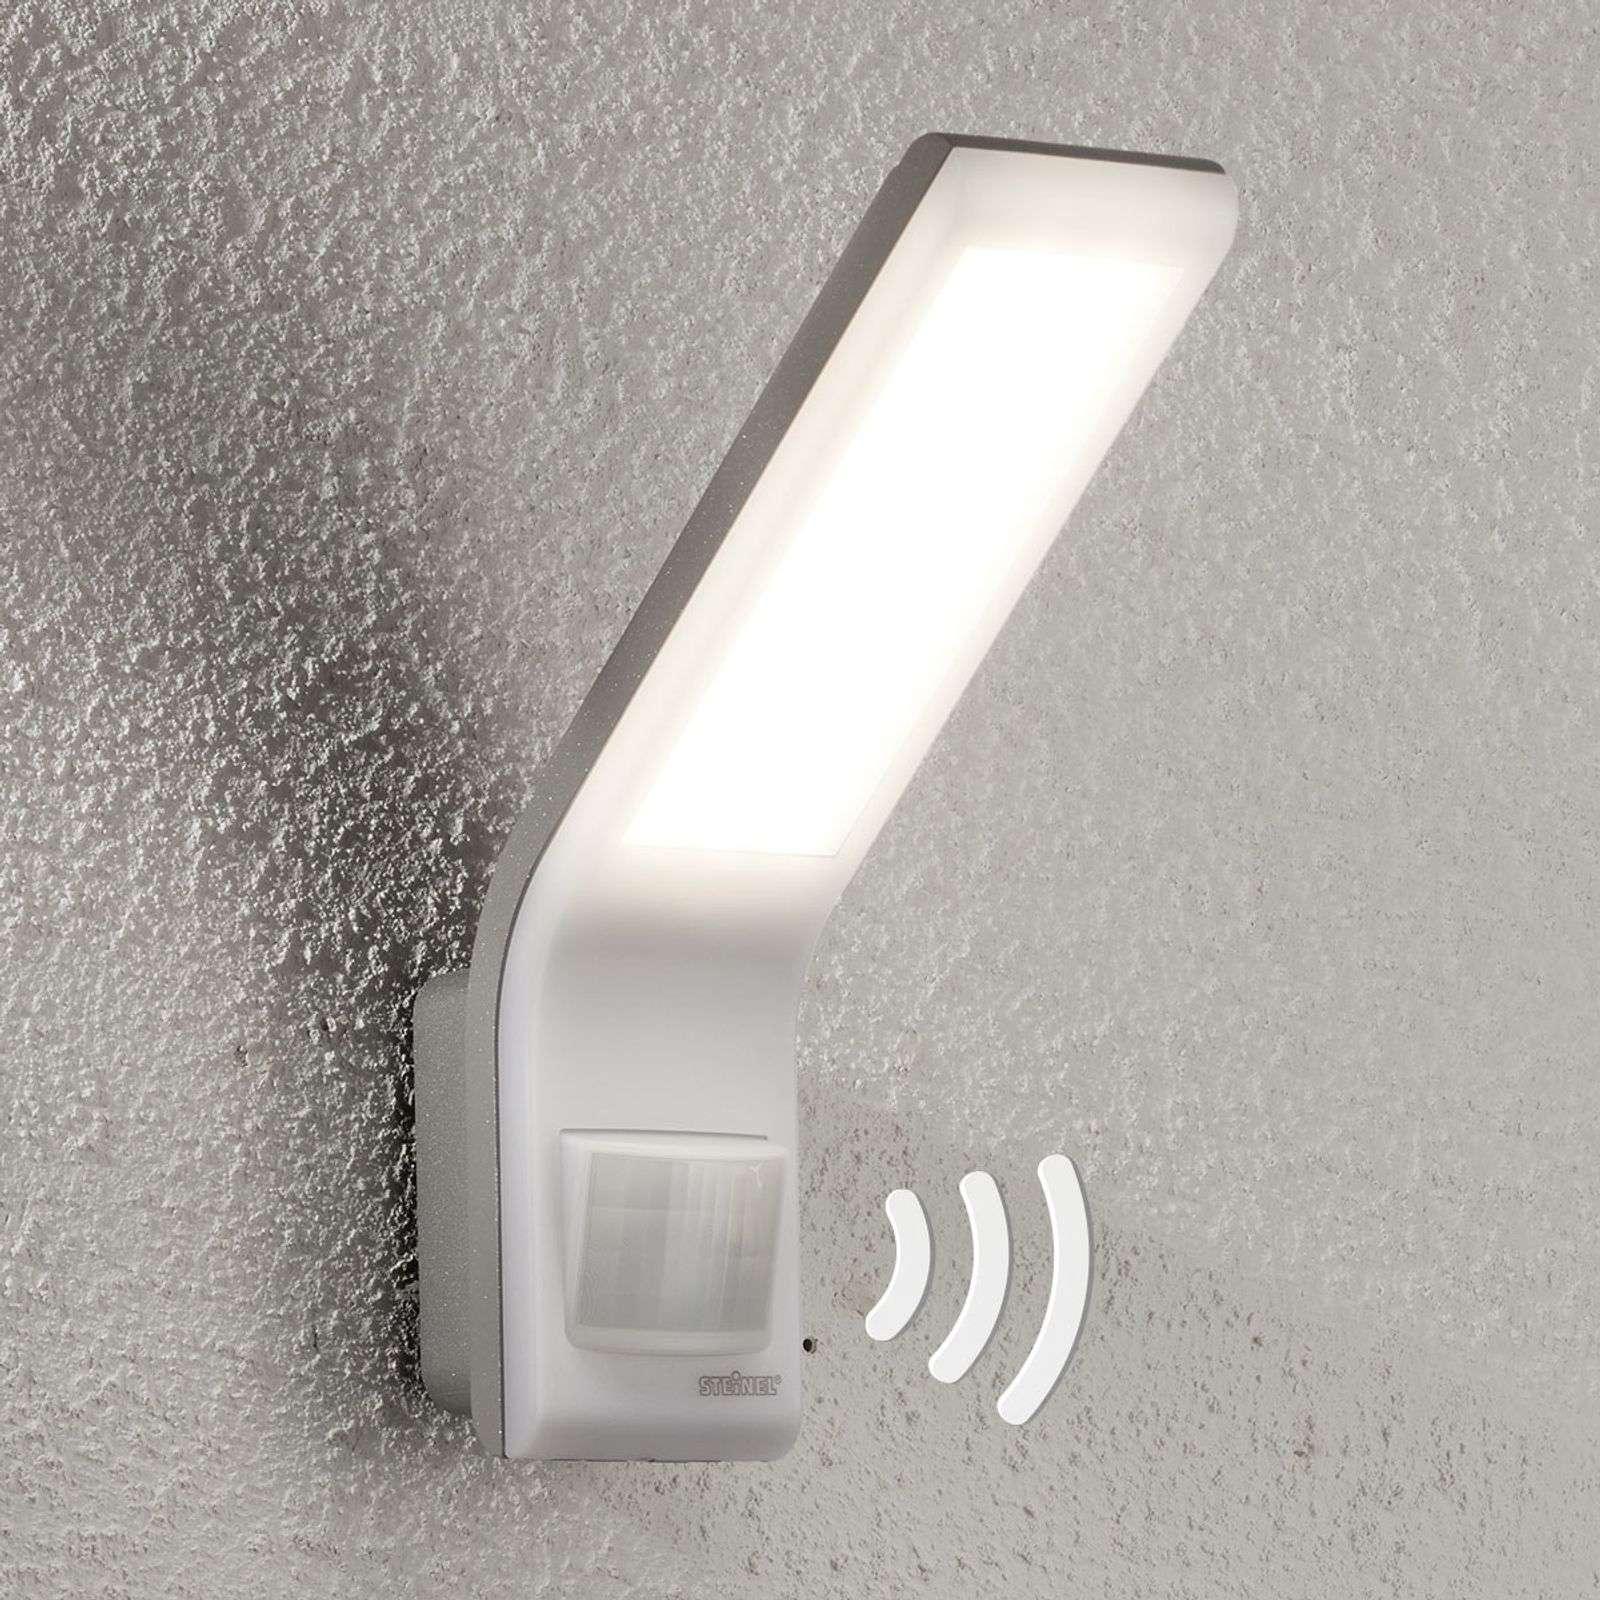 Steinel Applique LED élégante XLED slim